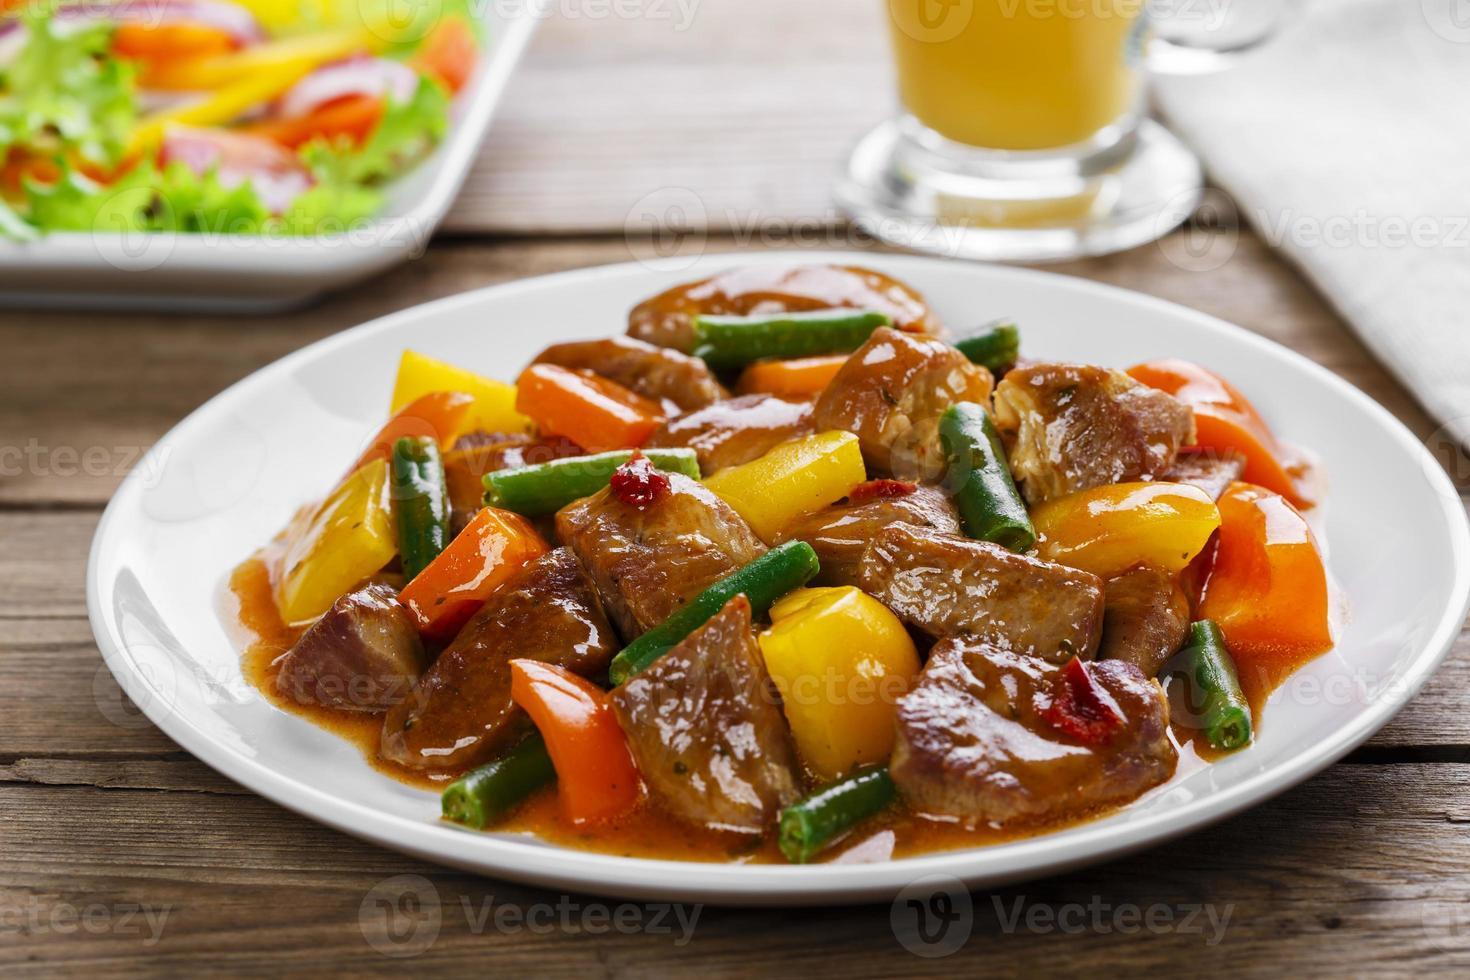 Rindfleischeintopf mit Paprika und grünen Bohnen foto